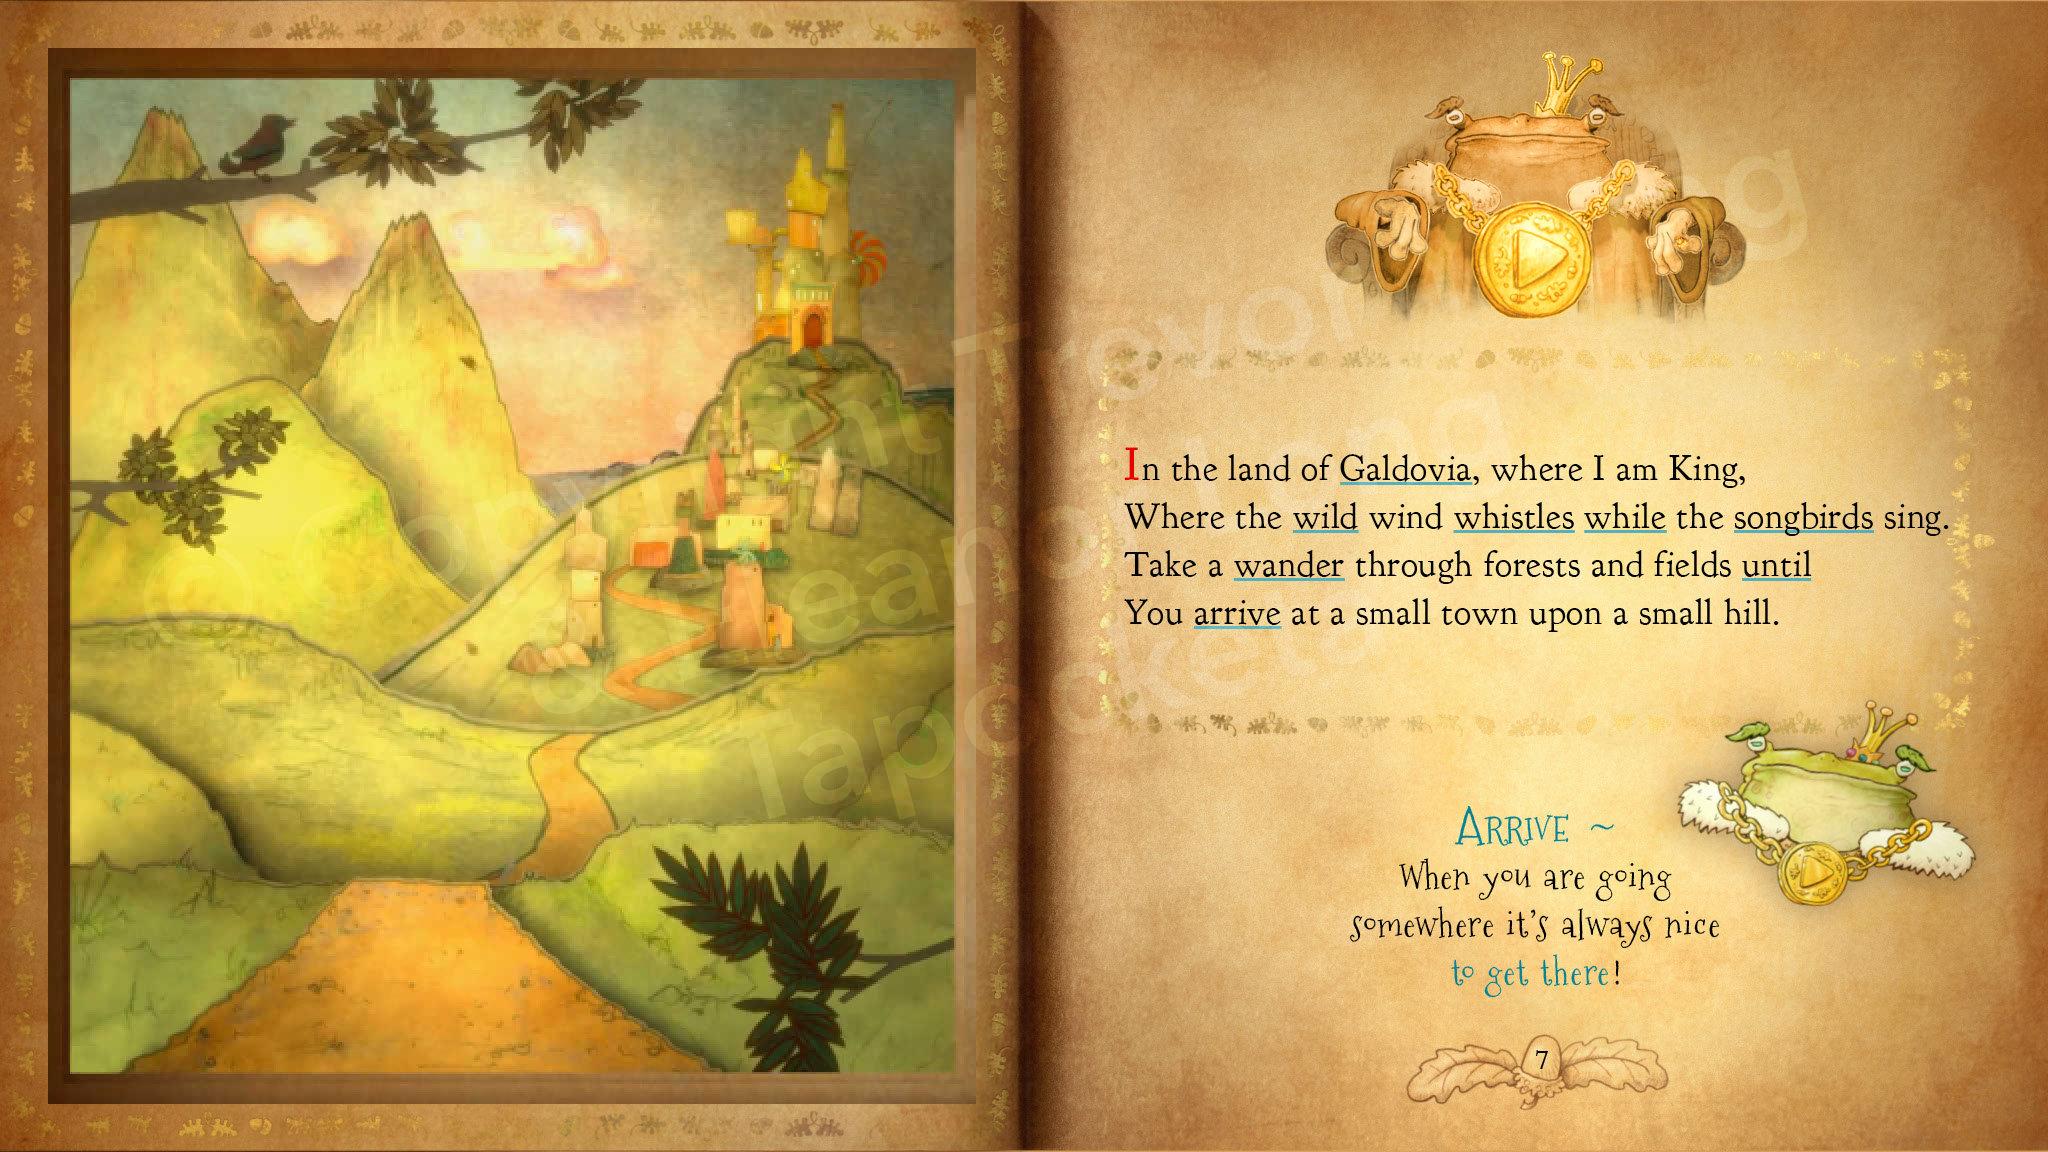 Tapocketa_GaldosGift_V24_eBookWmark04.jpg